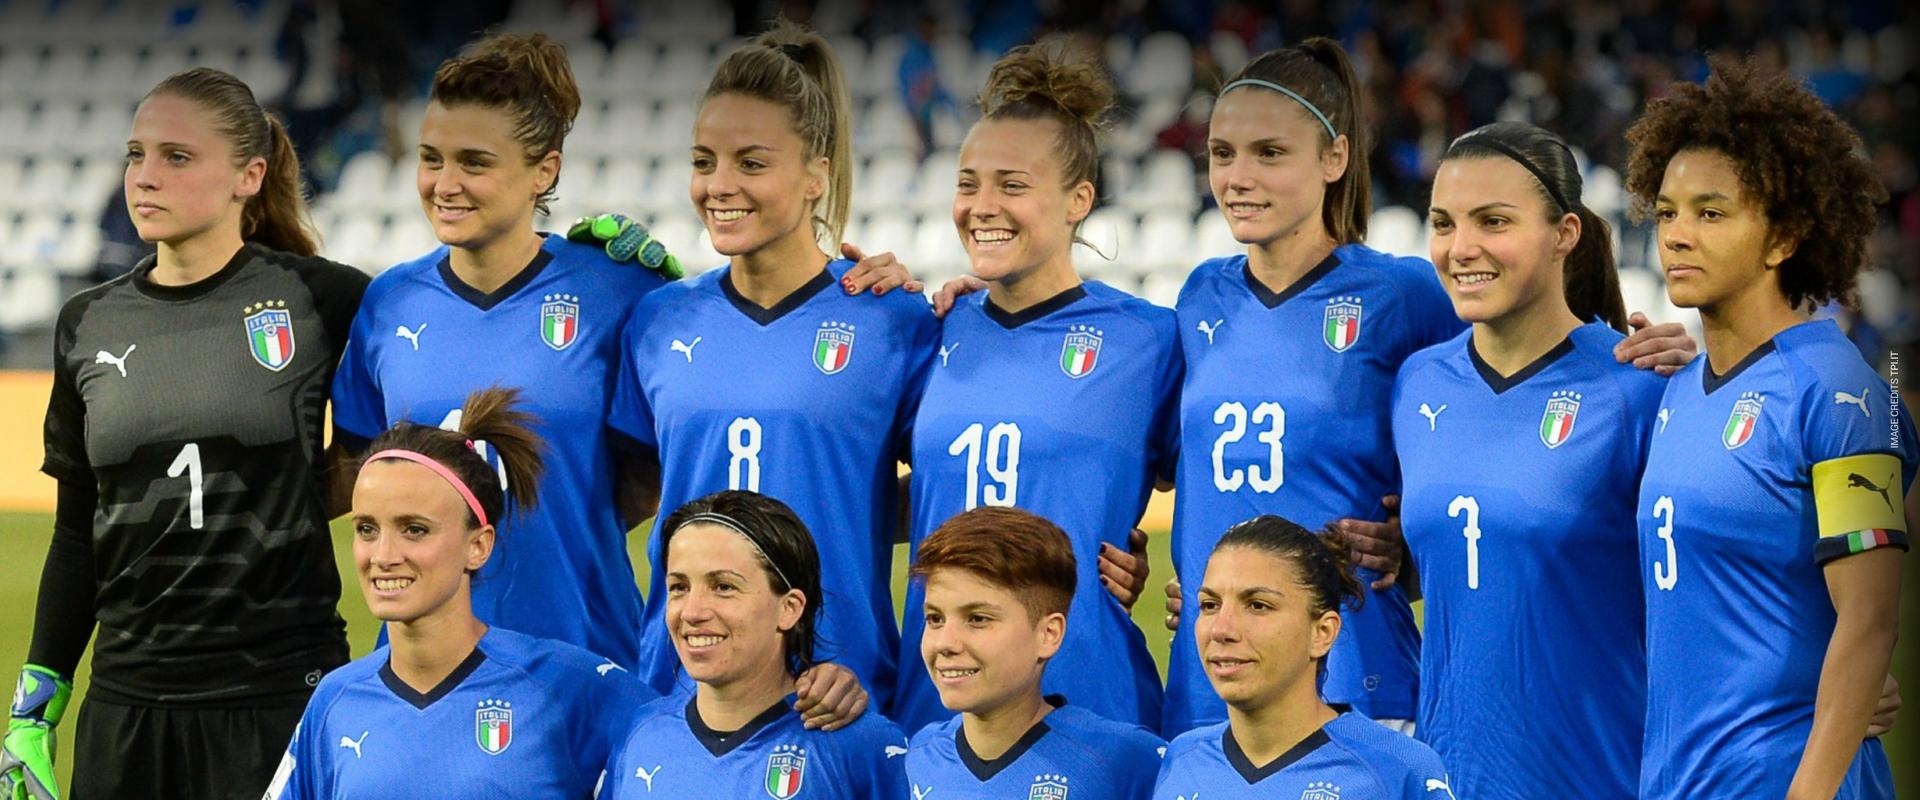 calcio femminile e sport marketing 4.0